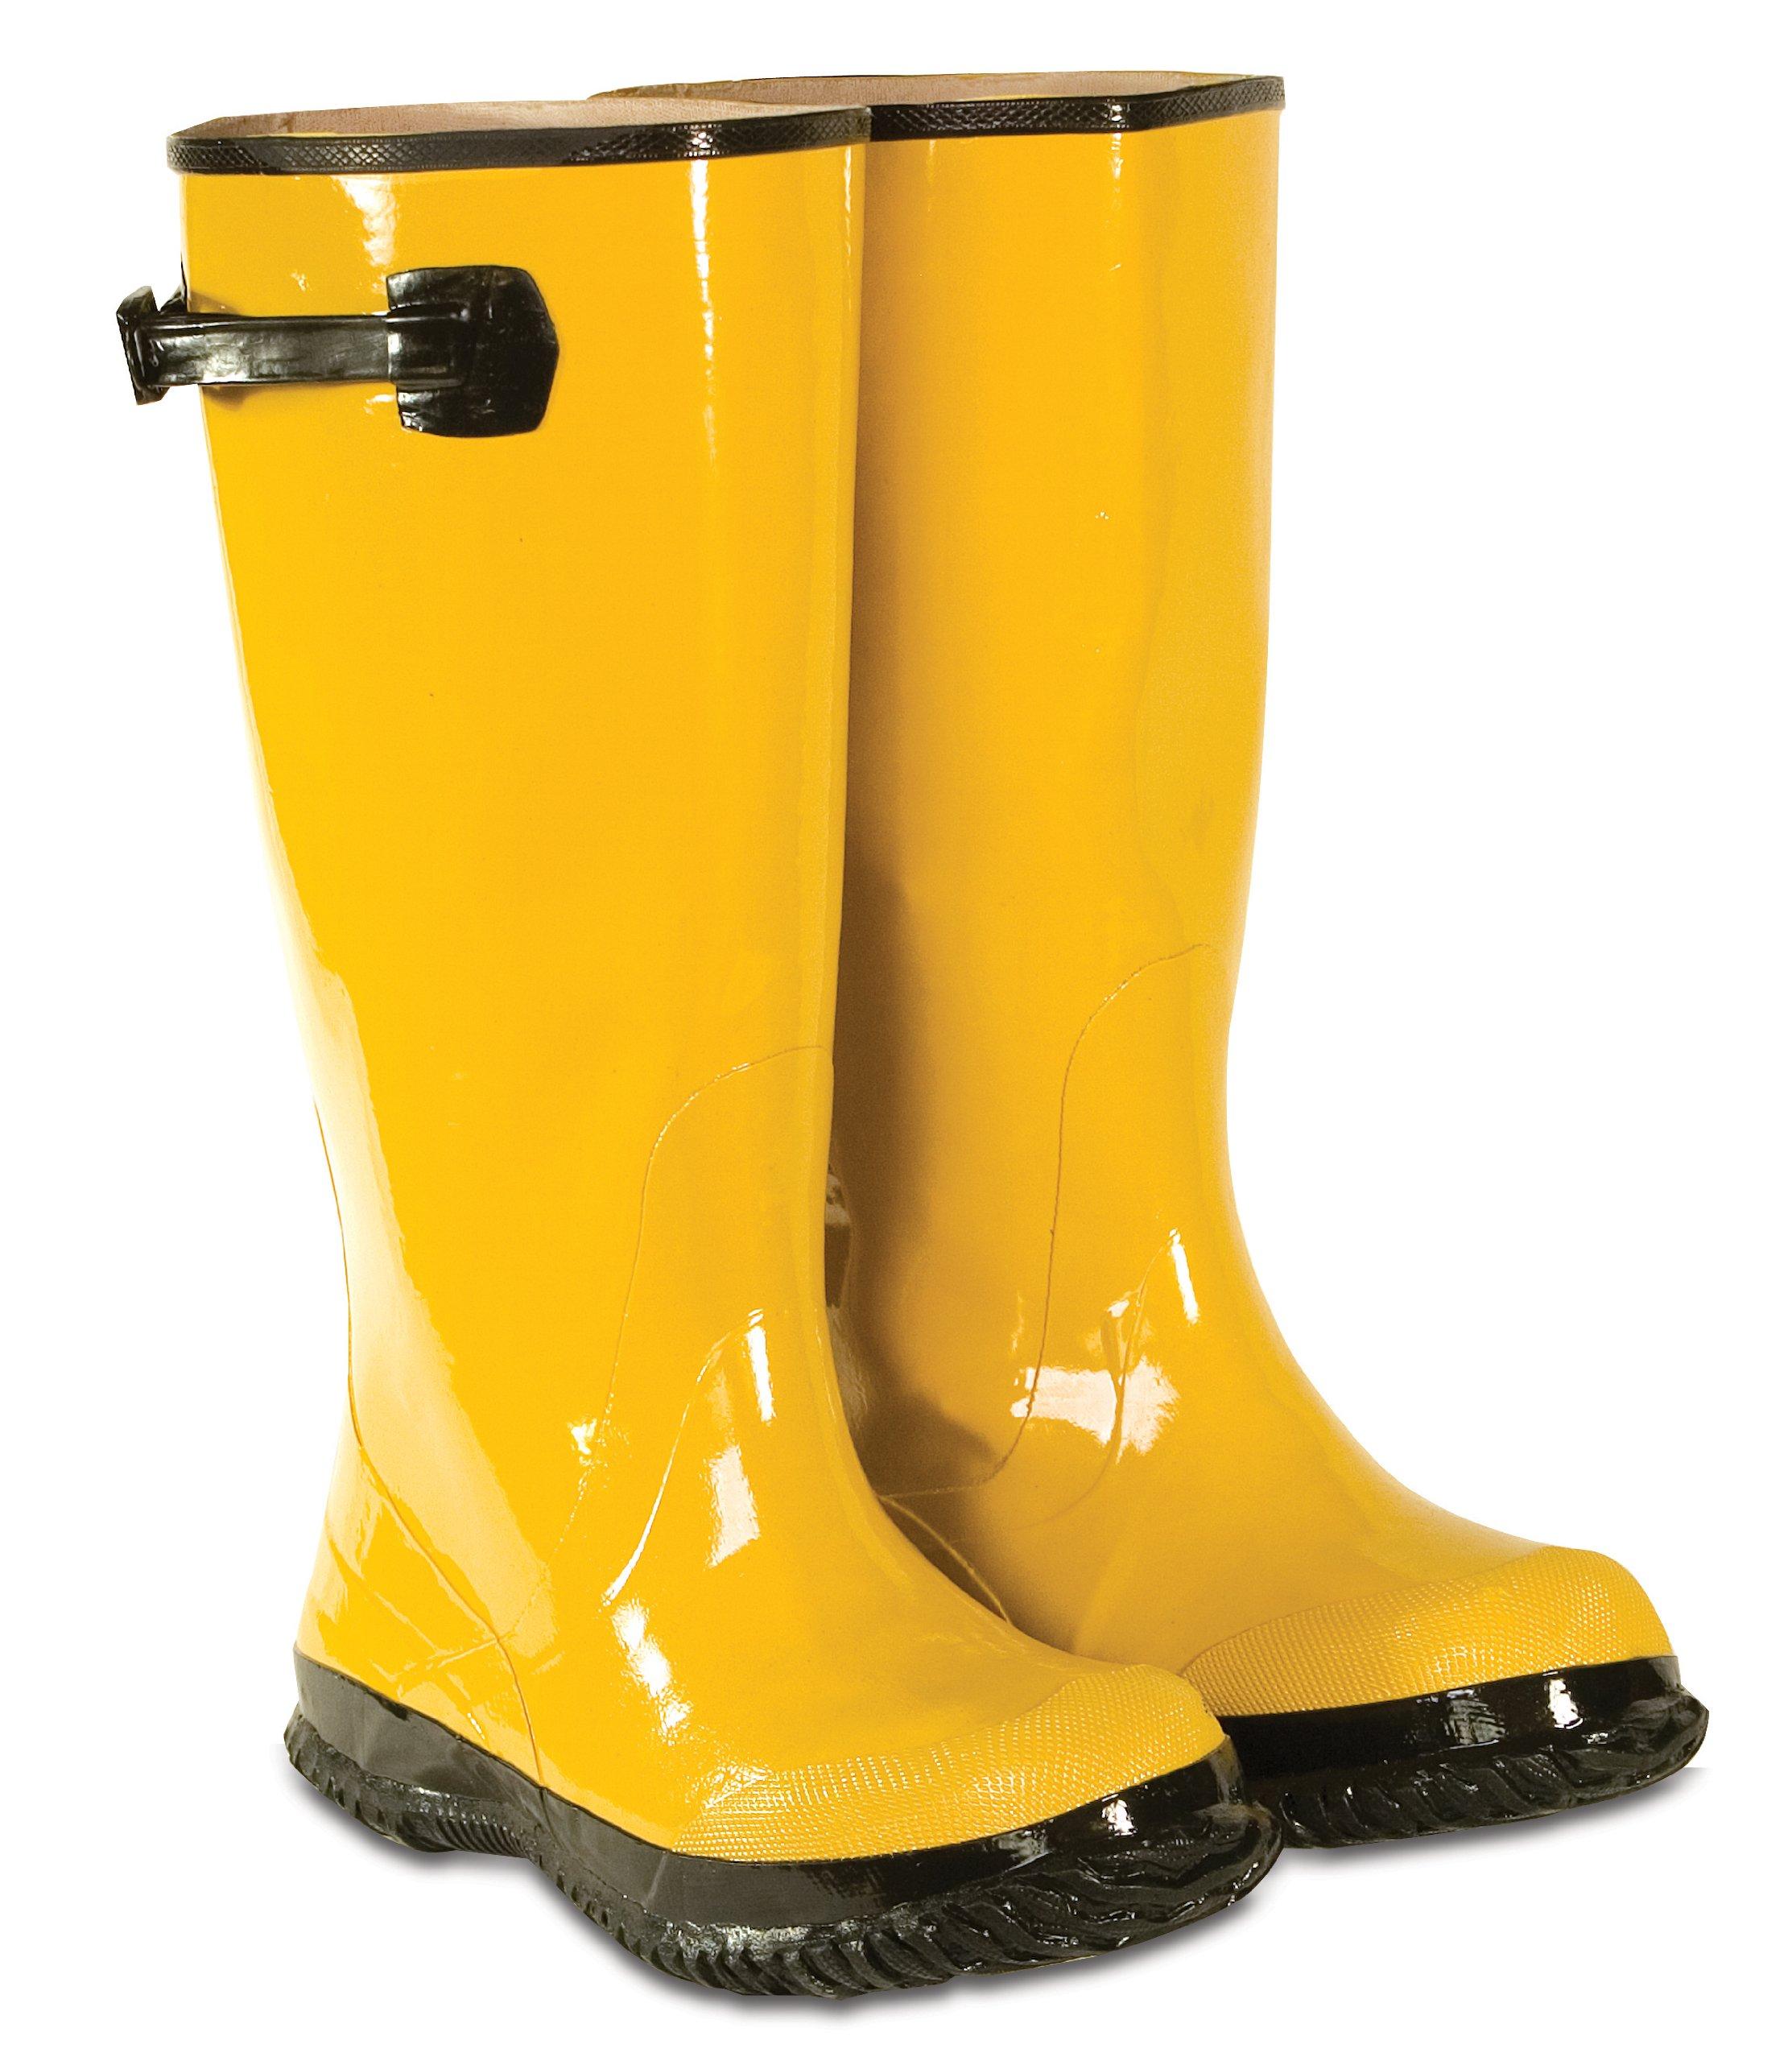 スラッシュCLCカスタム靴の革黄色のレインコートサイズ17 R20017